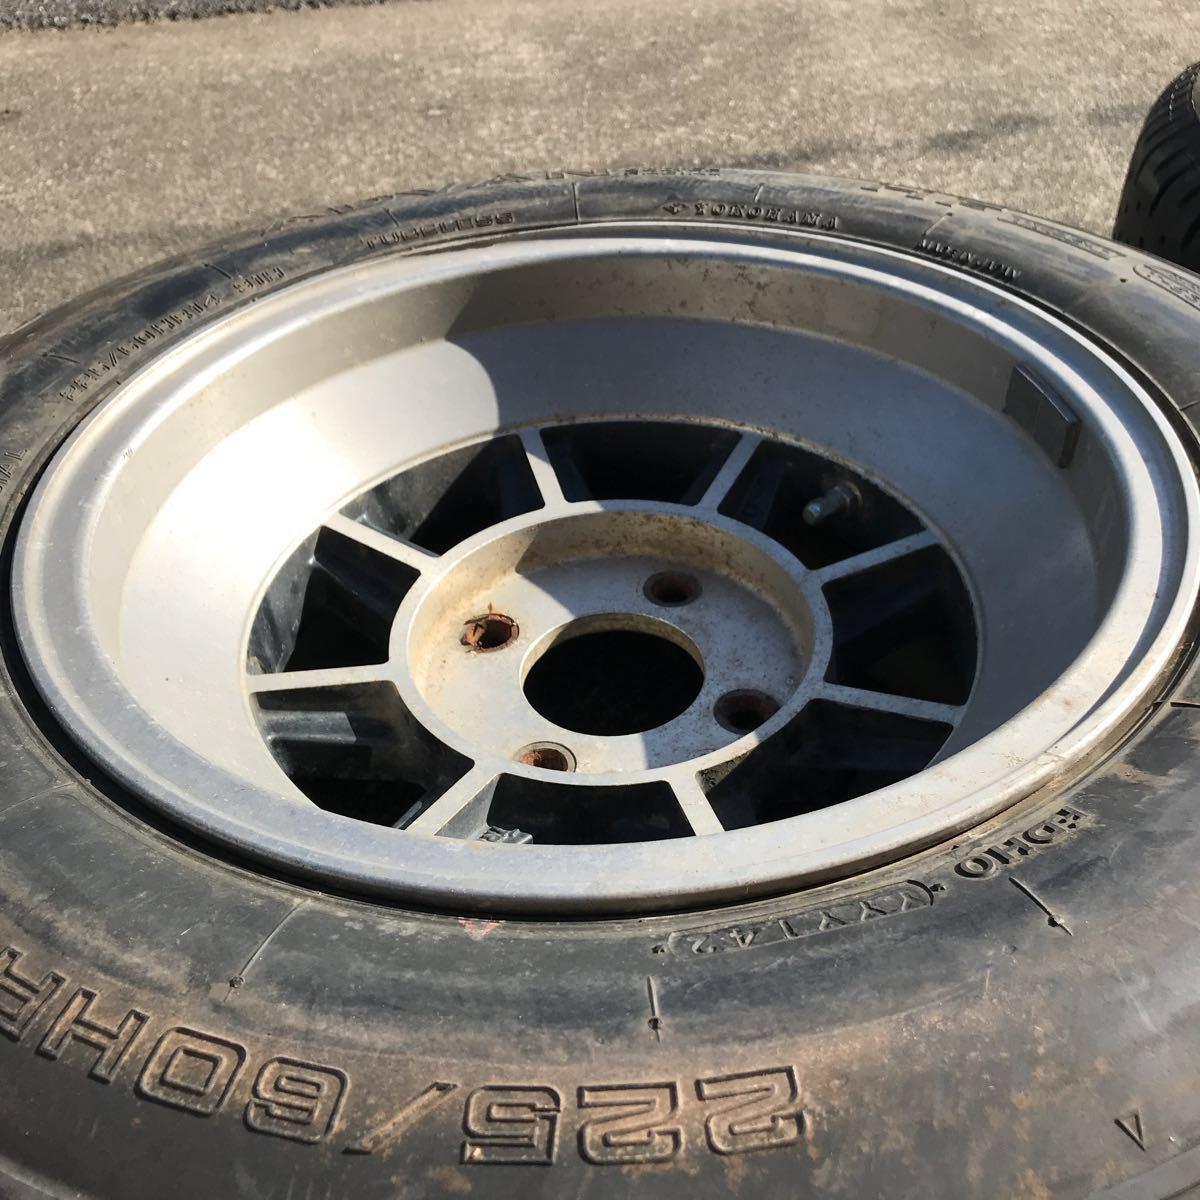 深リム 売り切り 希少 旧車 ハヤシレーシング ハヤシ ストリート すり鉢 14インチ 8J OFF-5 4H PCD114.3 2本 GX61 GX71 GZ10 130z 深リム_画像2